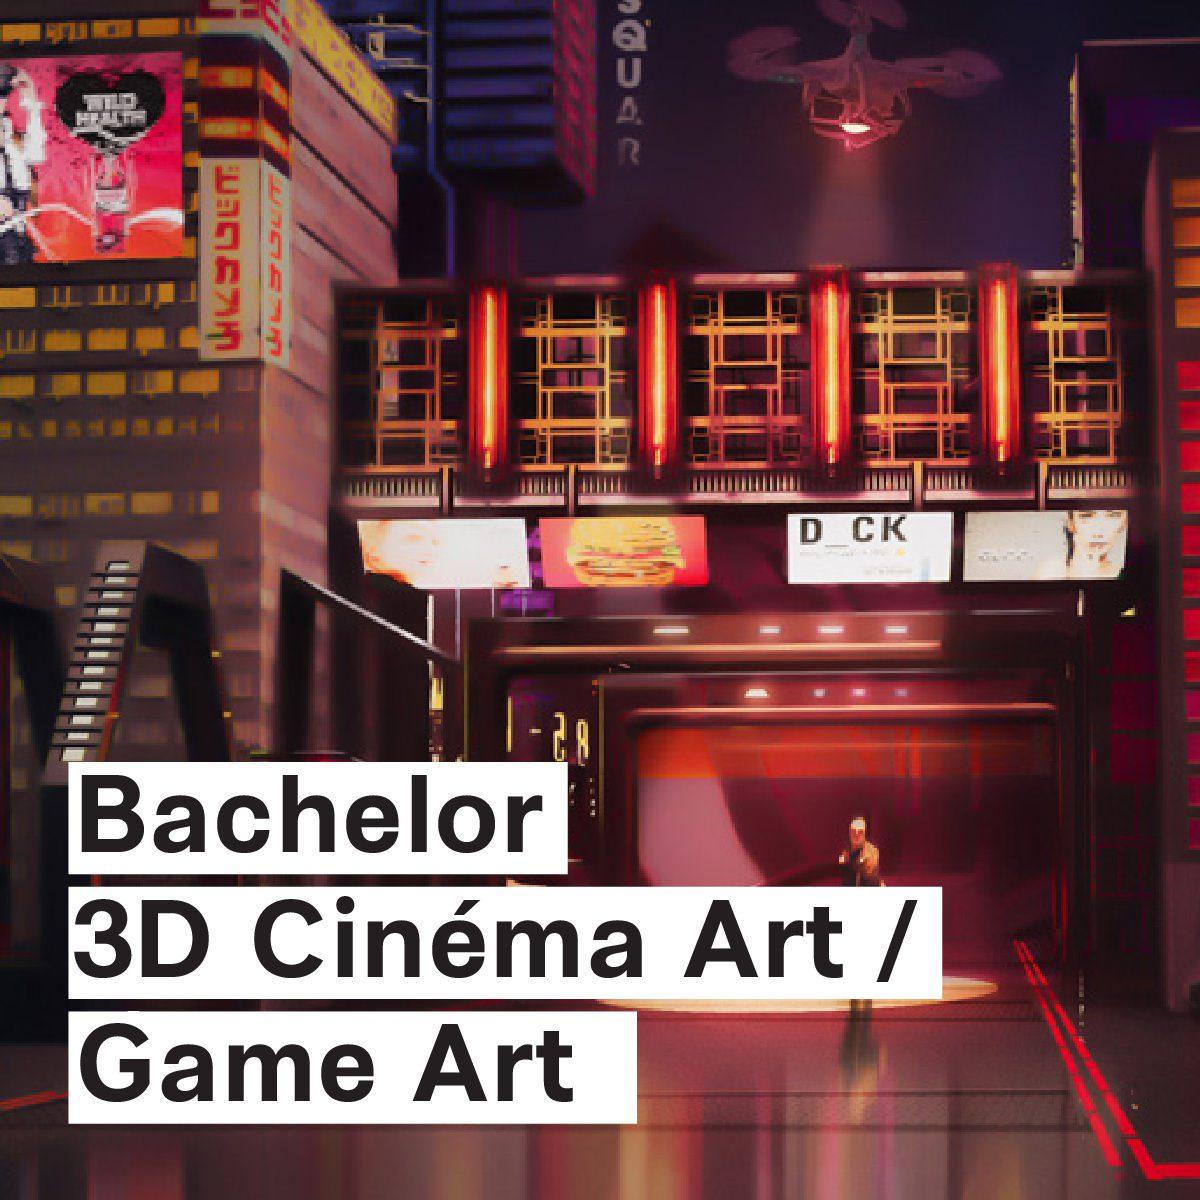 Bellecour Ecole - 3D Cinema Art - Game Art